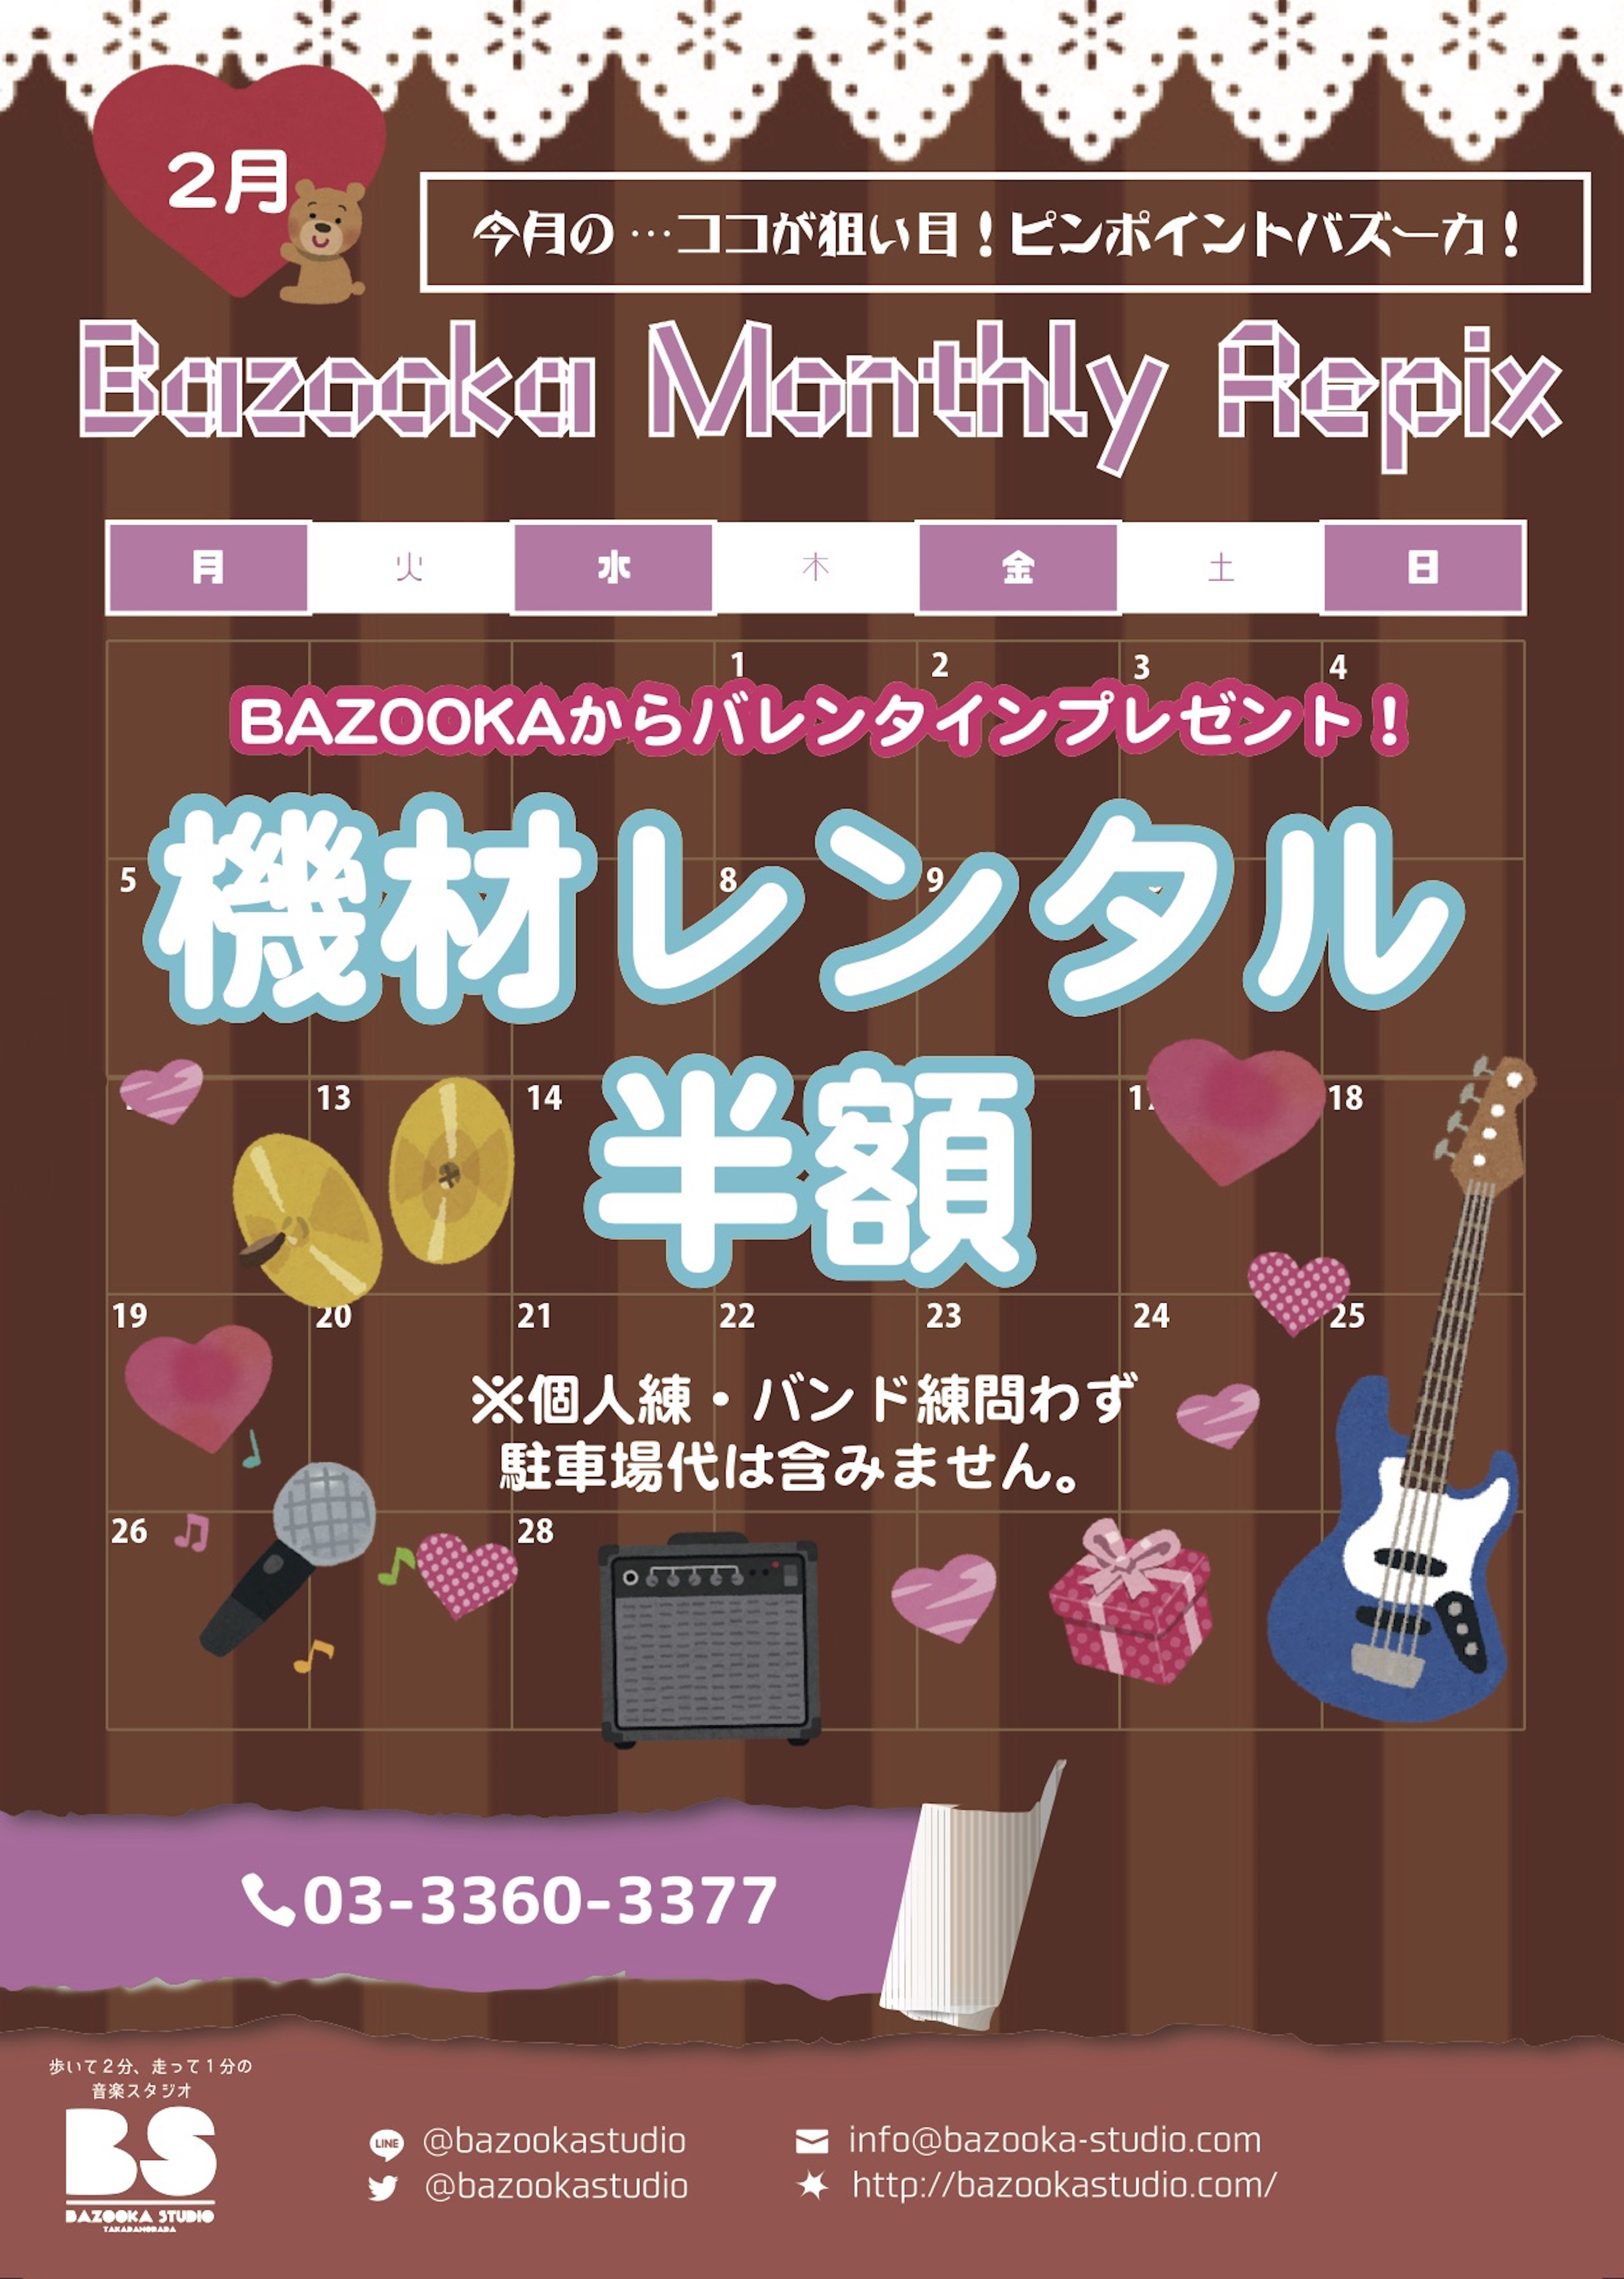 2月のBMR(Bazooka Monthly Repix)!!!の画像